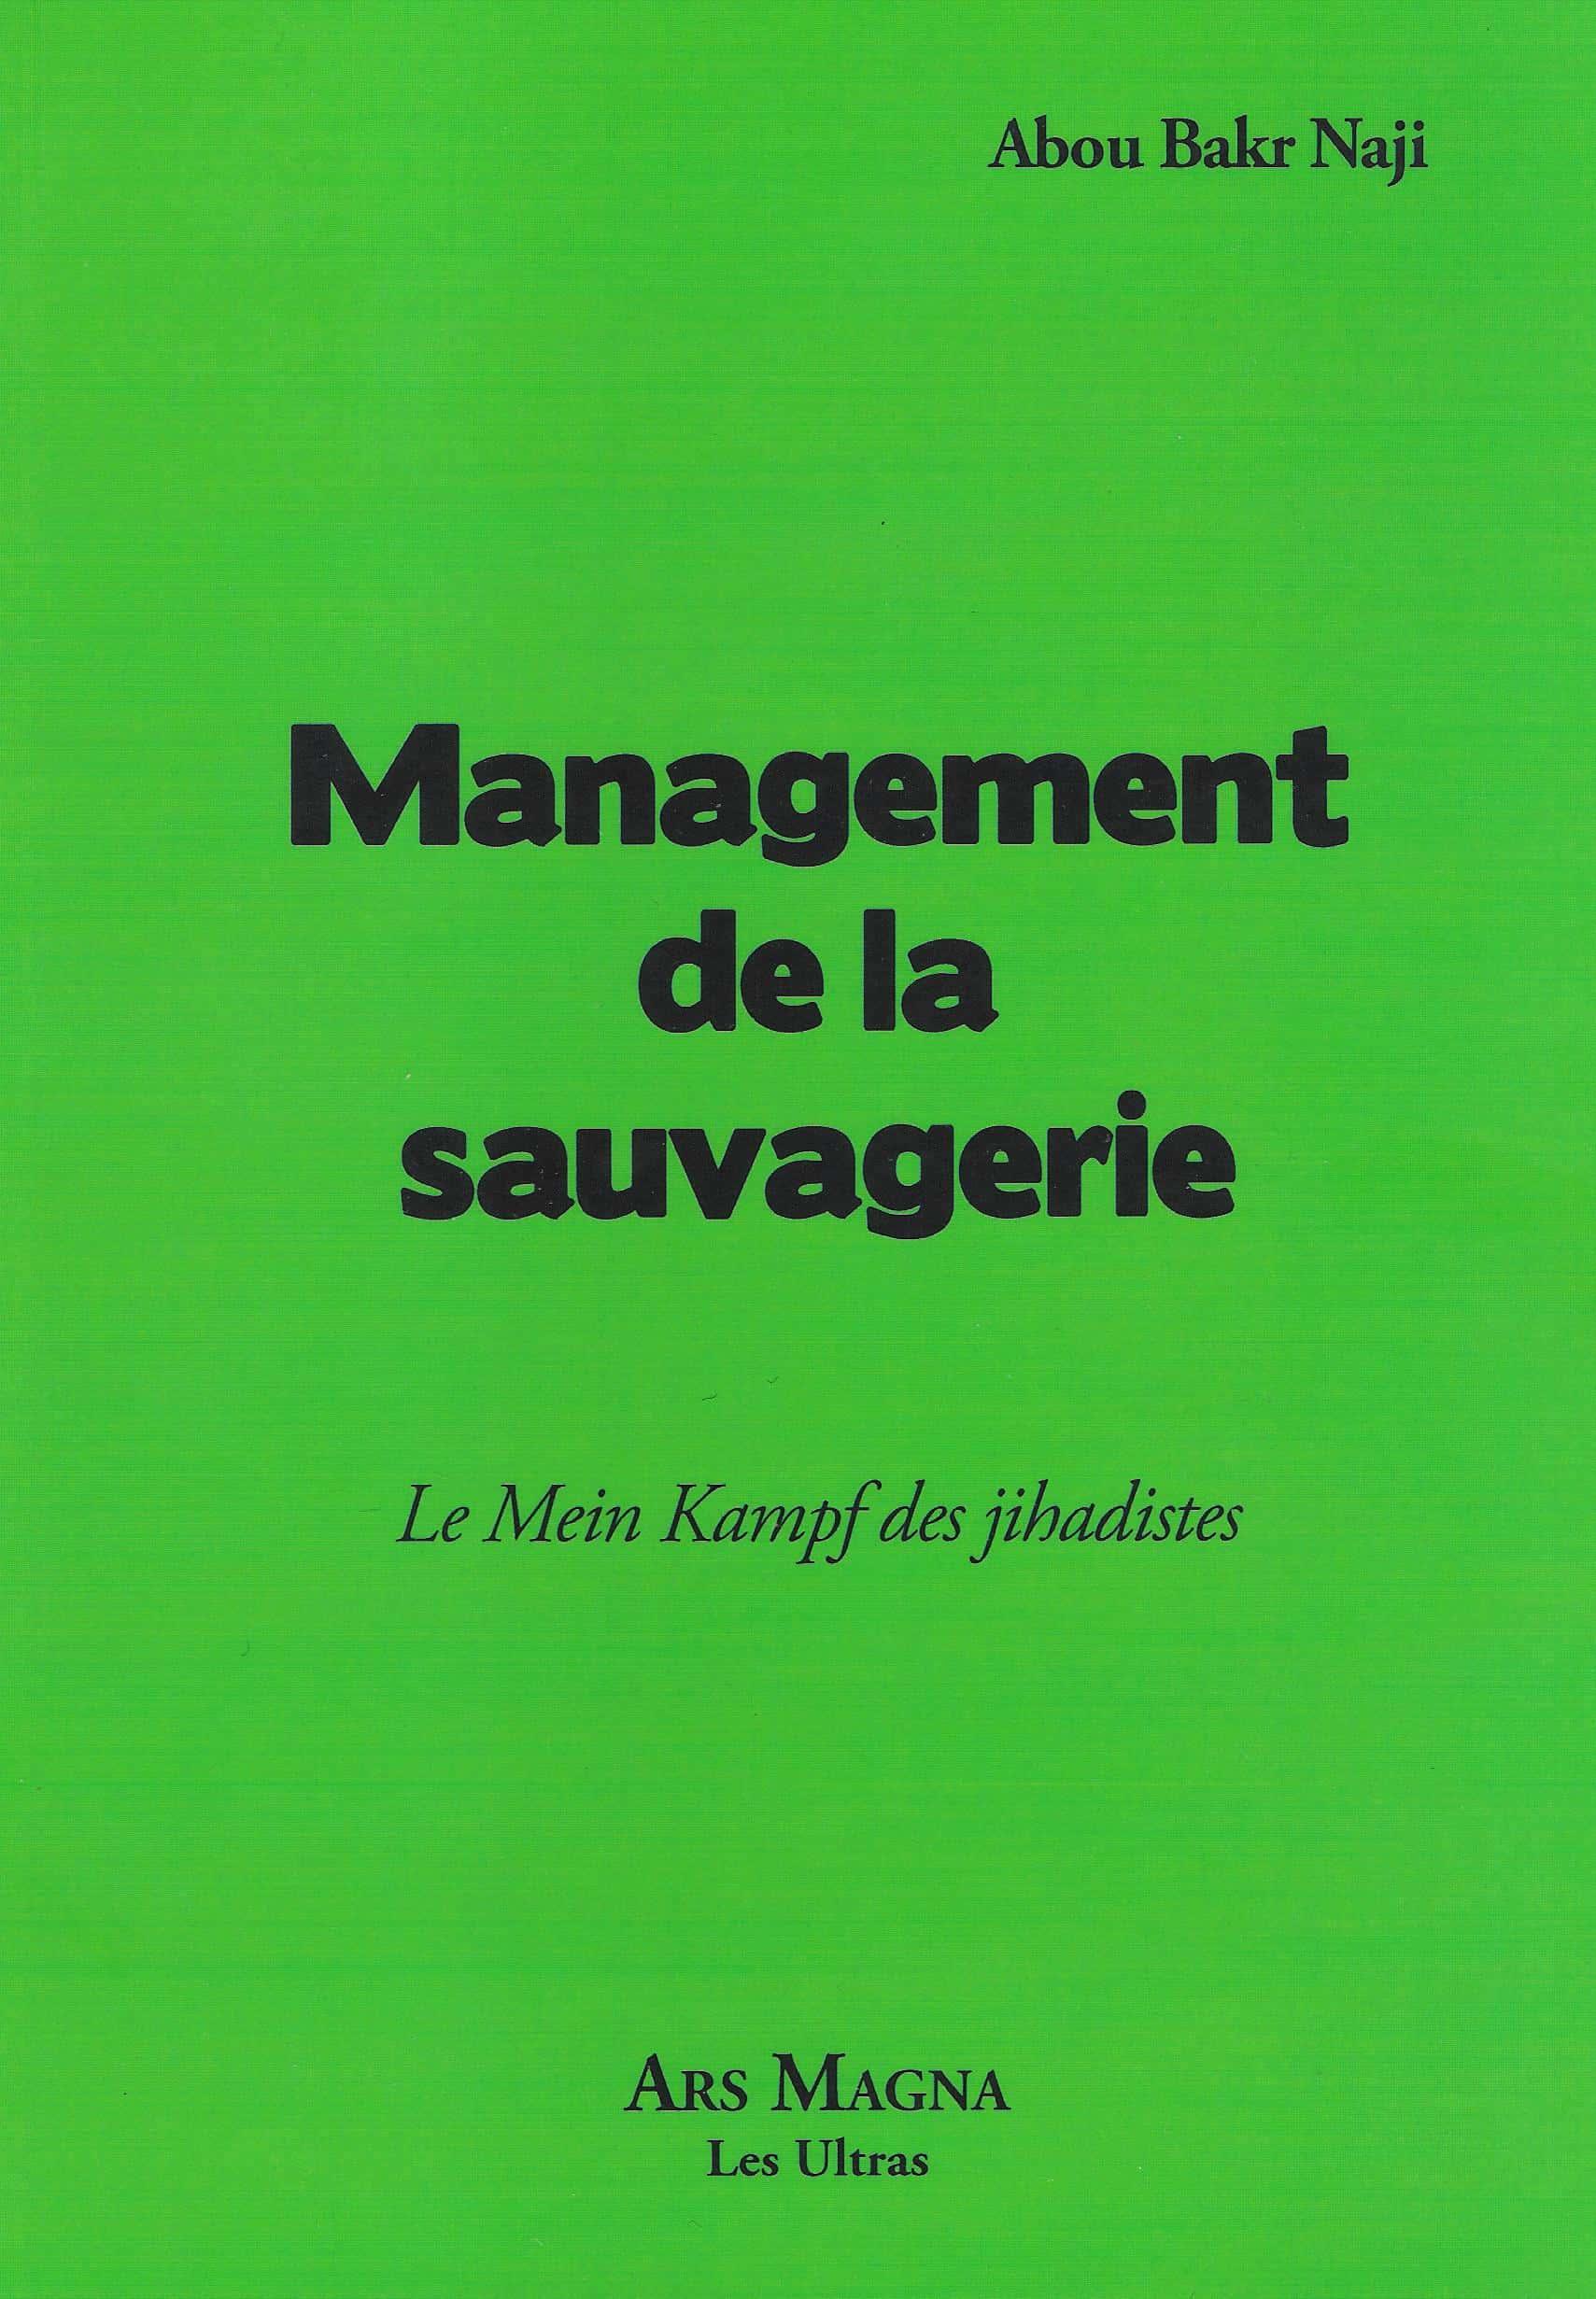 Management de la sauvagerie d'Abou Bakr Naji (Éditions Ars Magna).